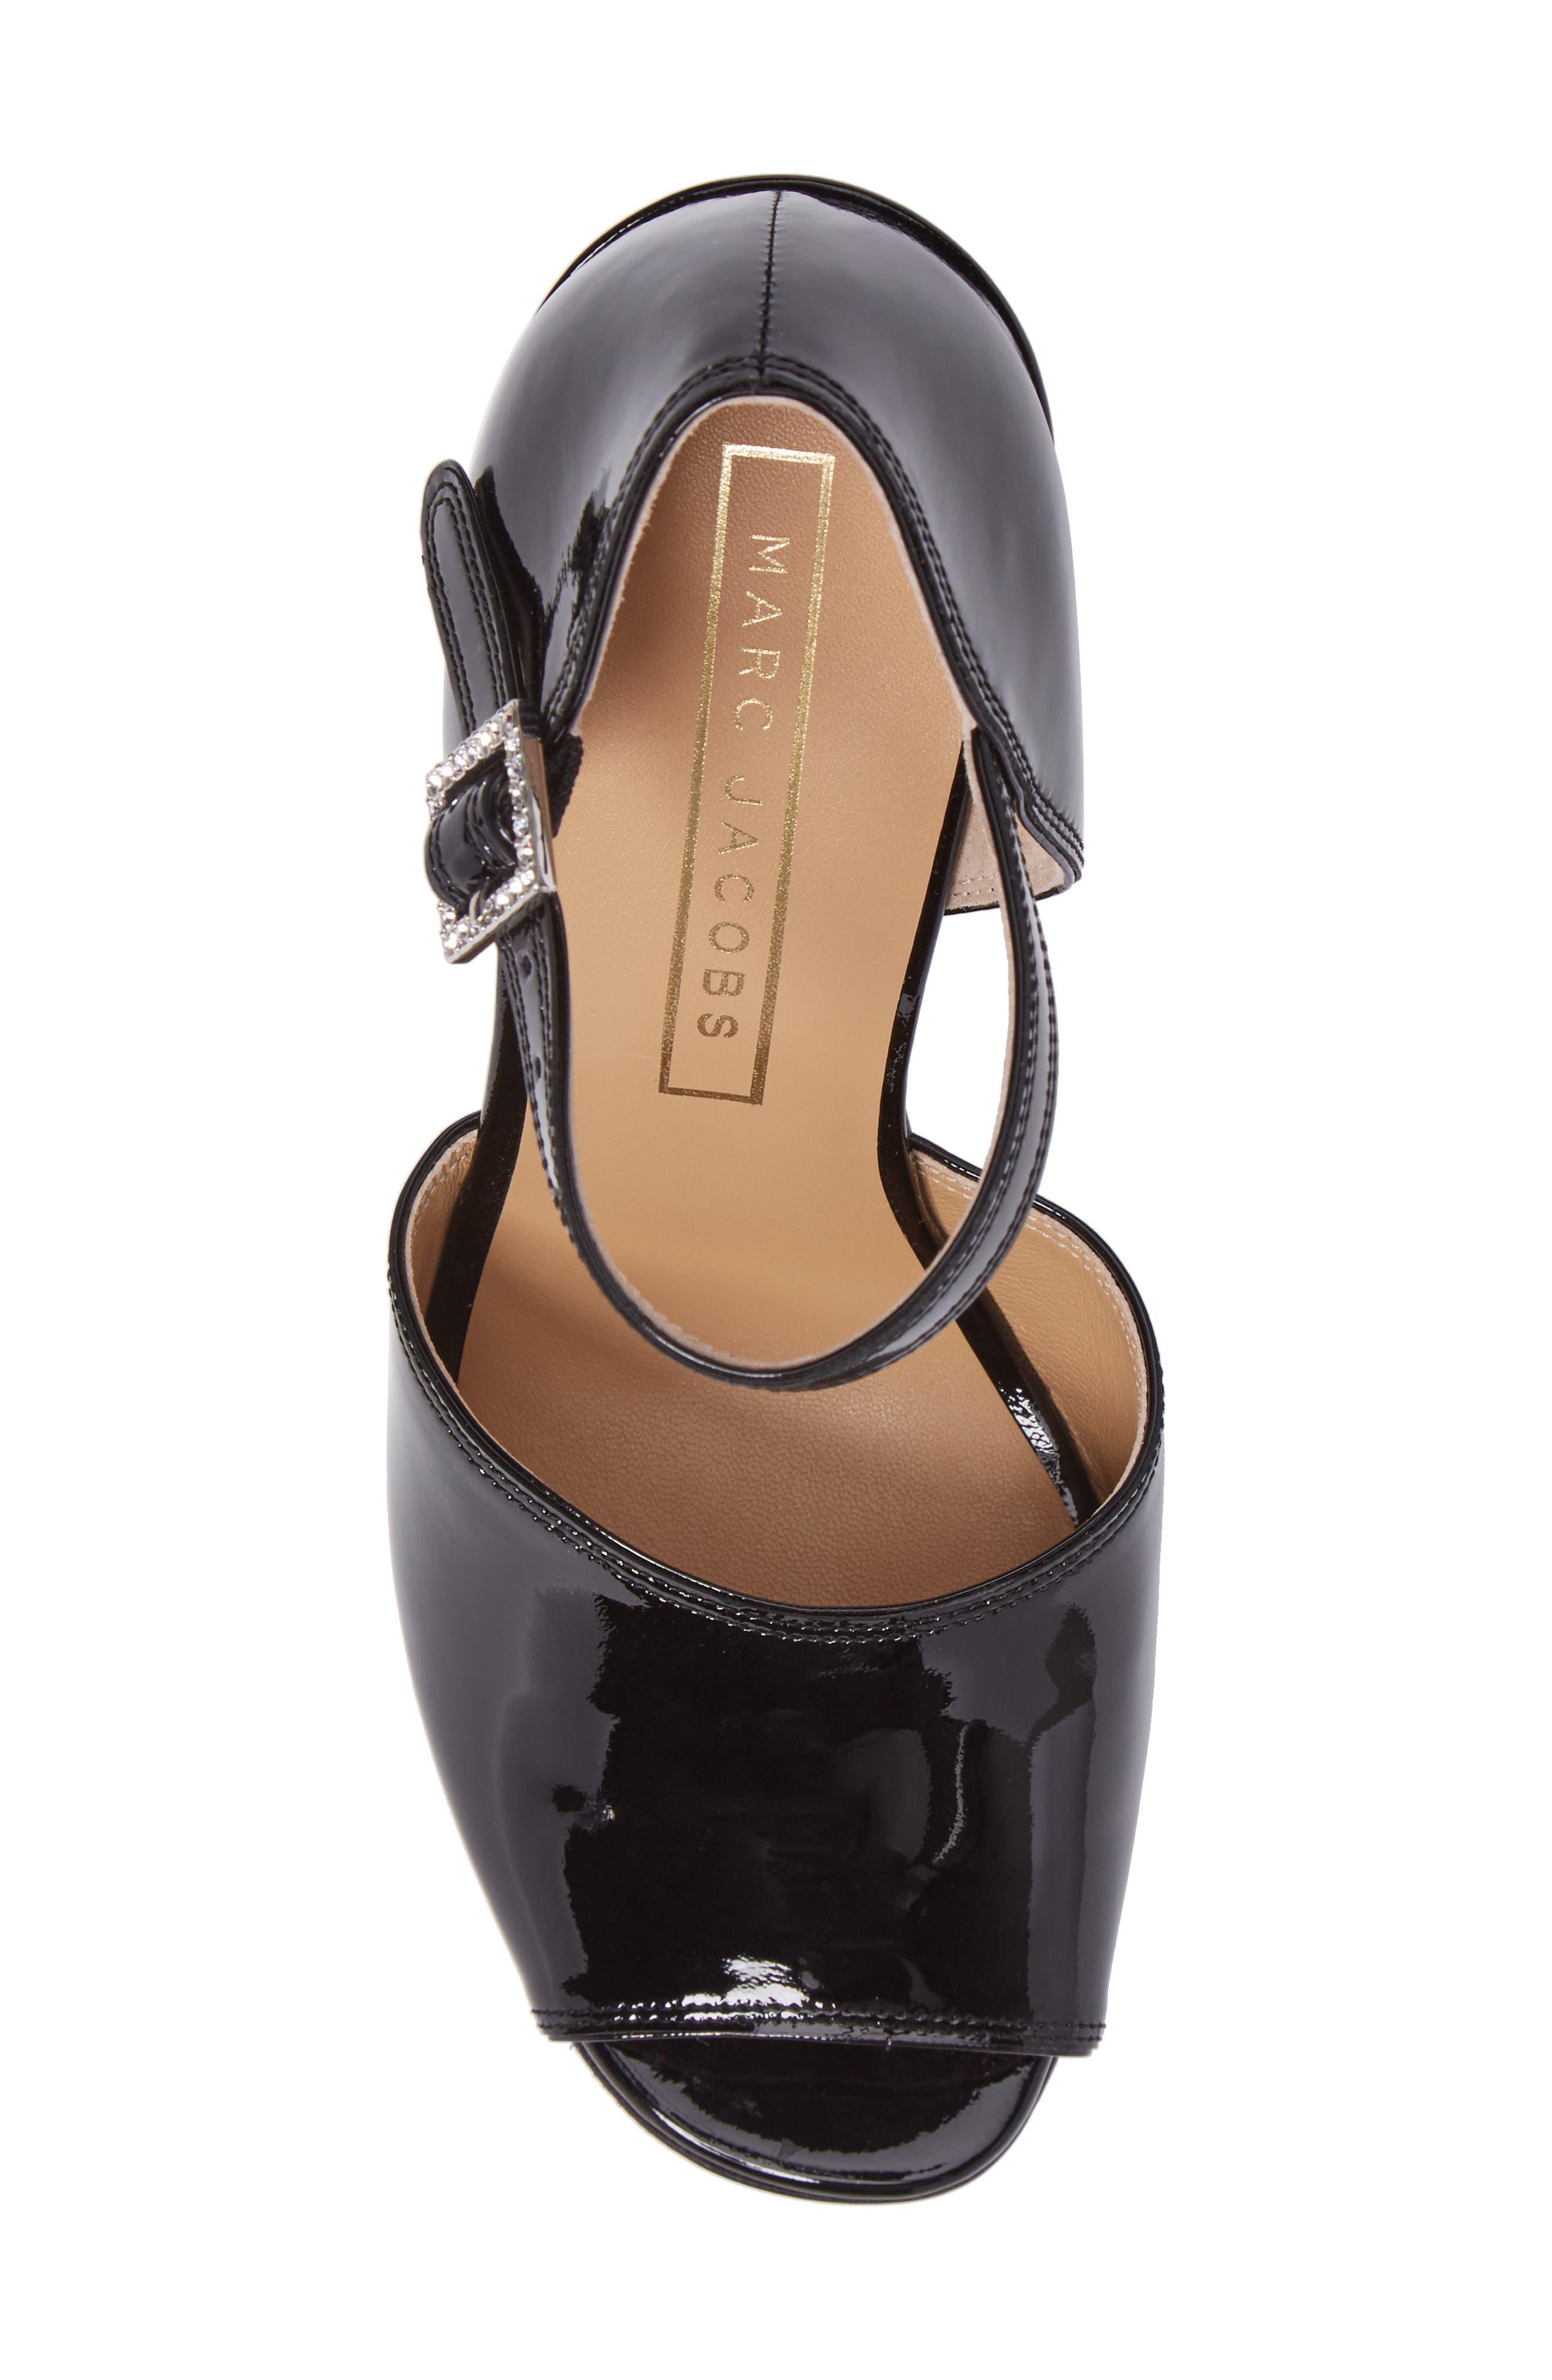 Kasia Embellished Ankle Strap Sandal,                             Alternate thumbnail 5, color,                             Black